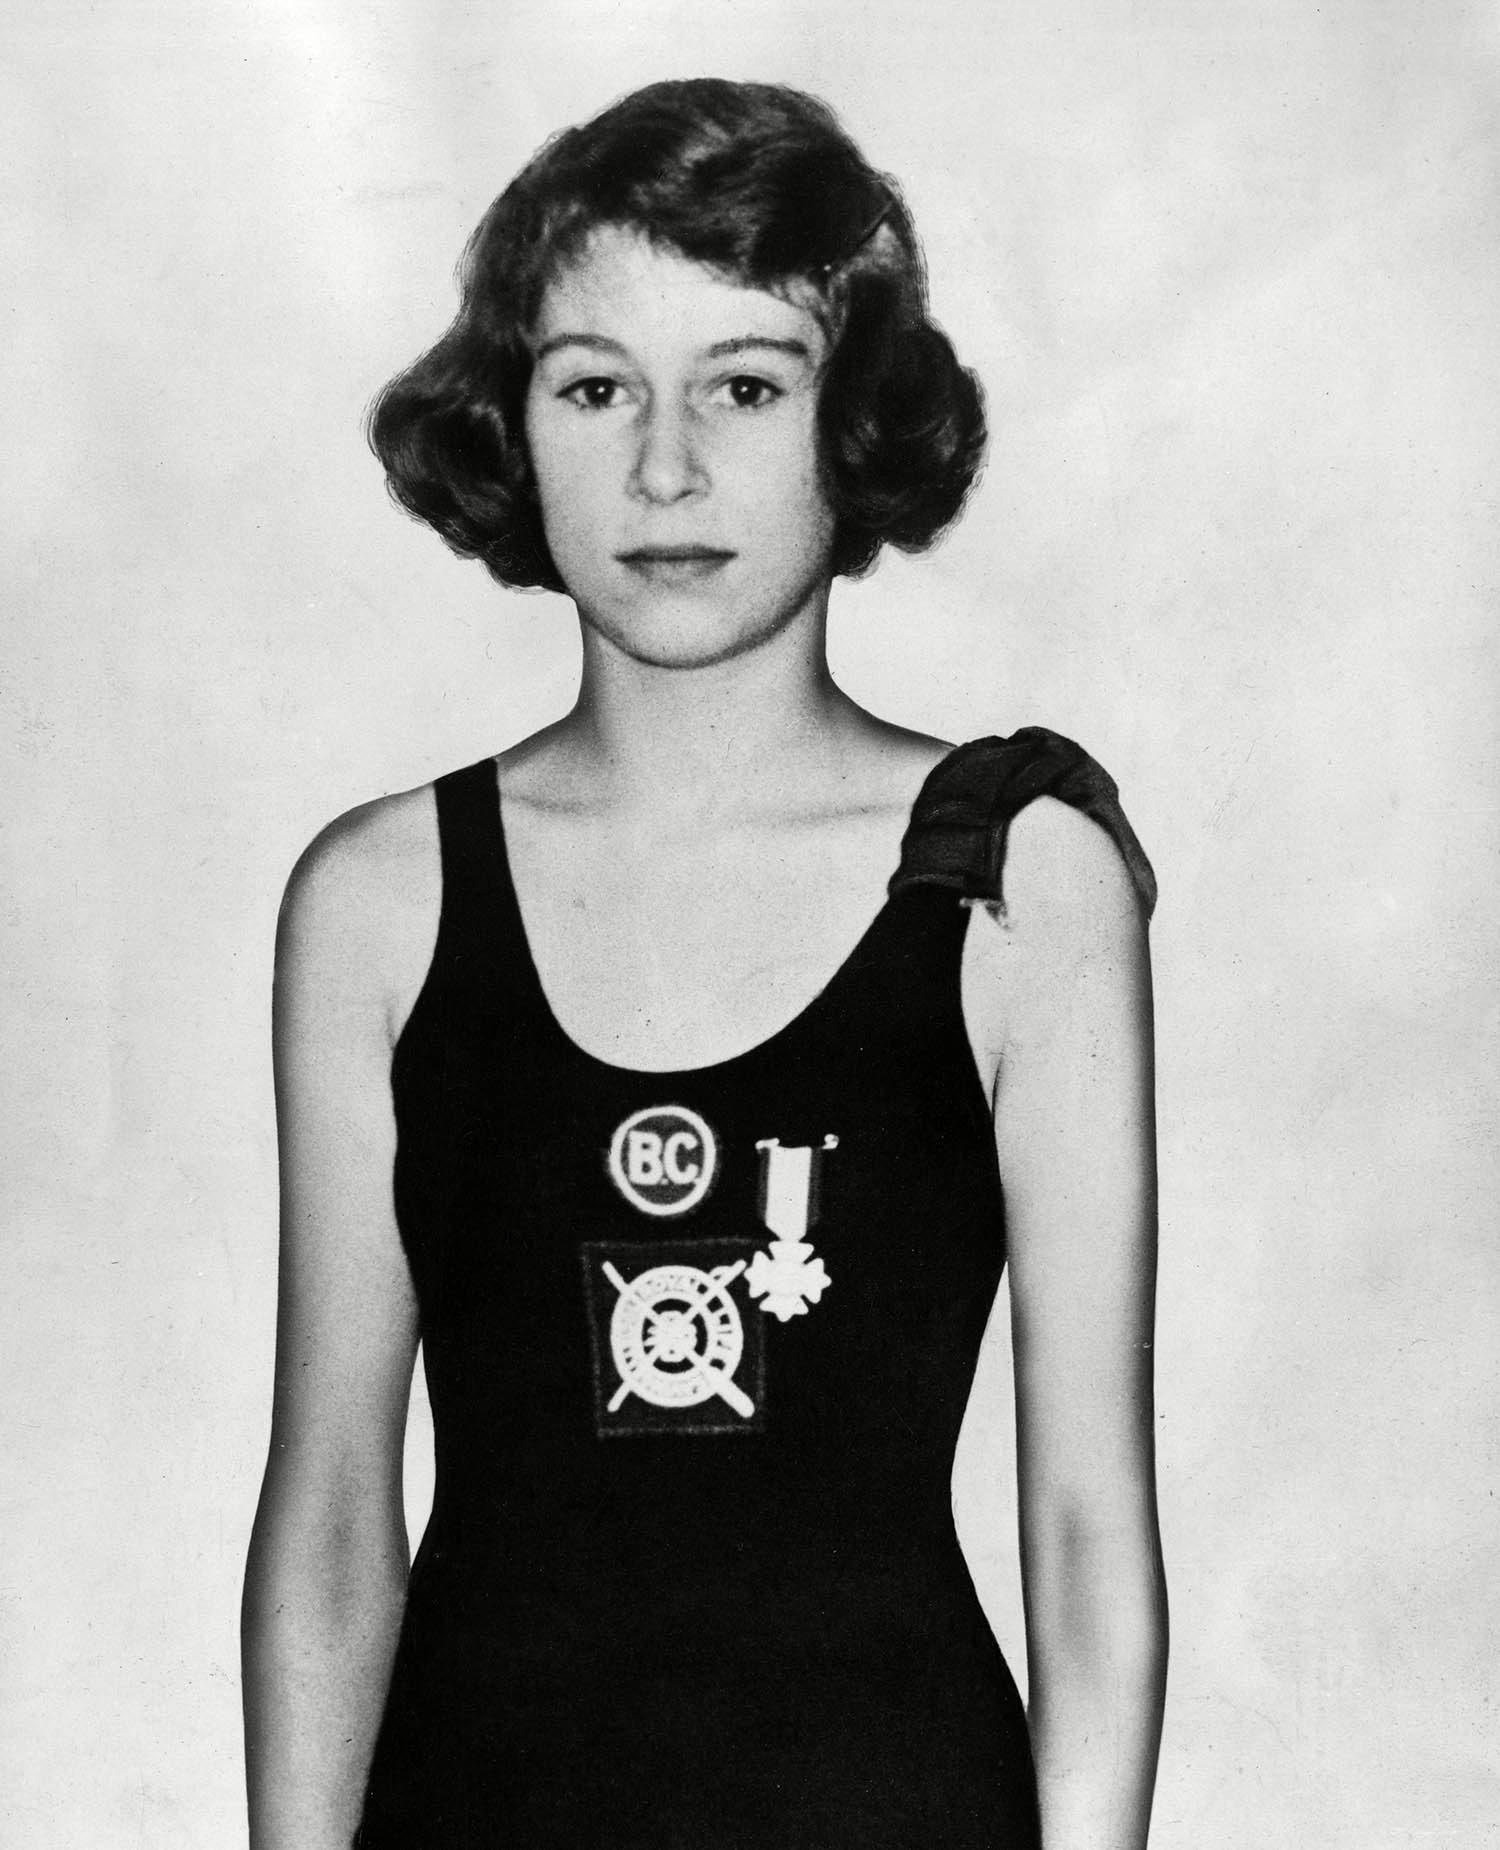 Famille royale : rare photo de la reine Élisabeth en maillot.